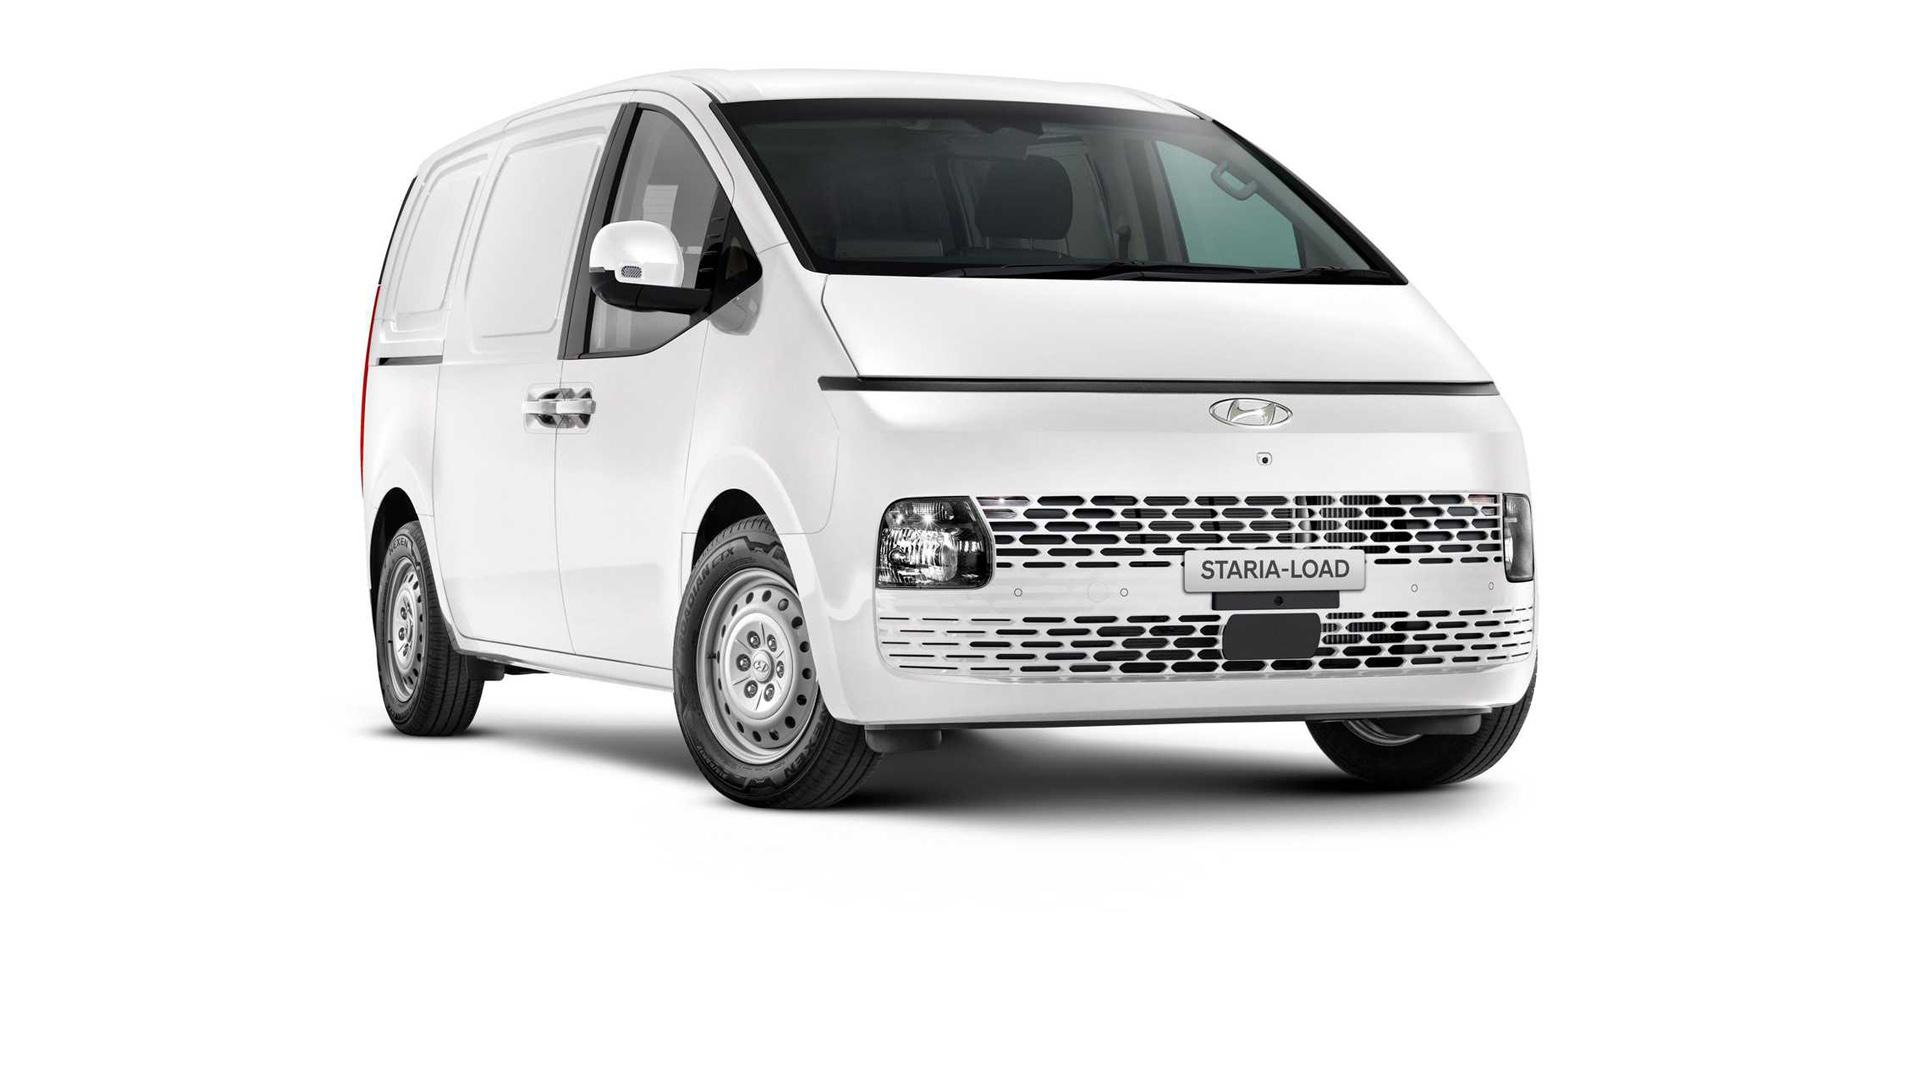 Hyundai je predstavio MPV model Staria i u dostavnoj izvedbi